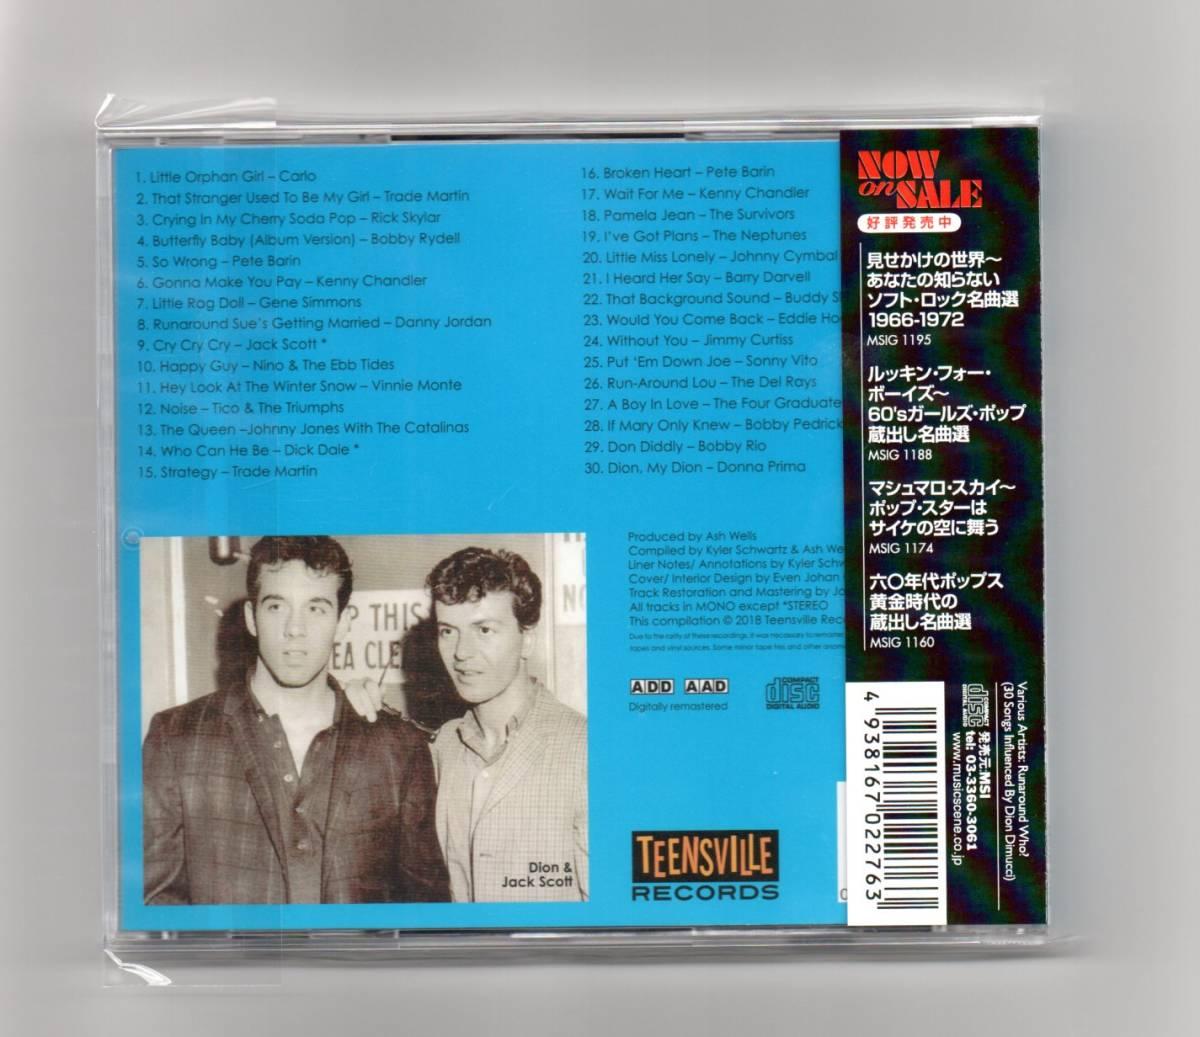 浮気なスーに首ったけ~僕たちはディオン大好きシンガーです/Dionのヒット・コレクションとして聴けてしまう不思議なコンピレーション  _画像2